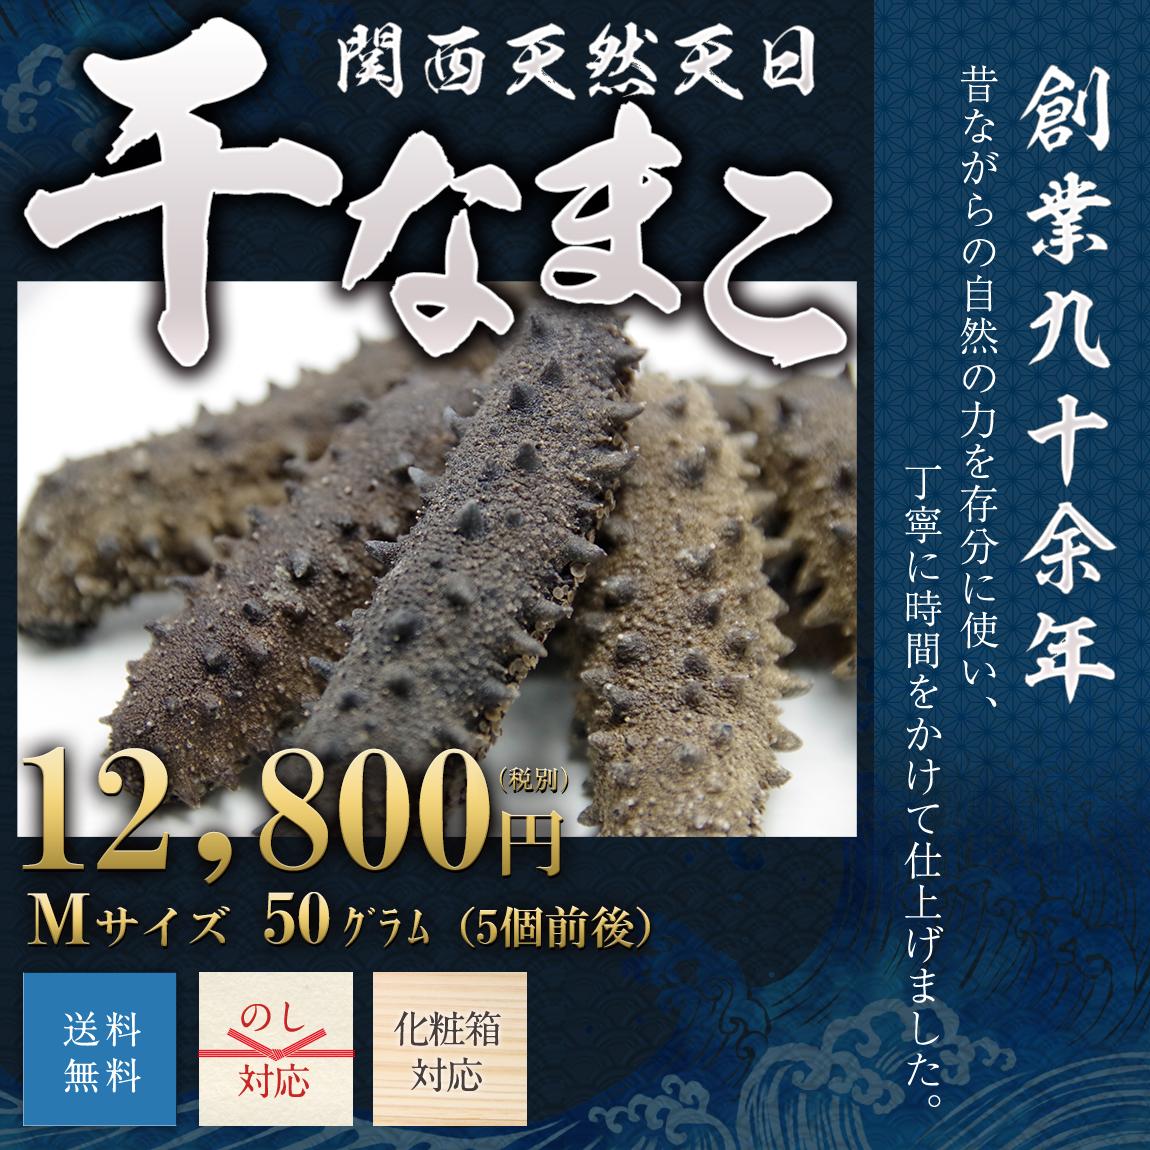 関西天然天日干しなまこ 特A品 Mサイズ 50g(5個前後)送料無料 【ナマコ 海鼠 品川 なまこ 品川水産 乾燥 海鼠】